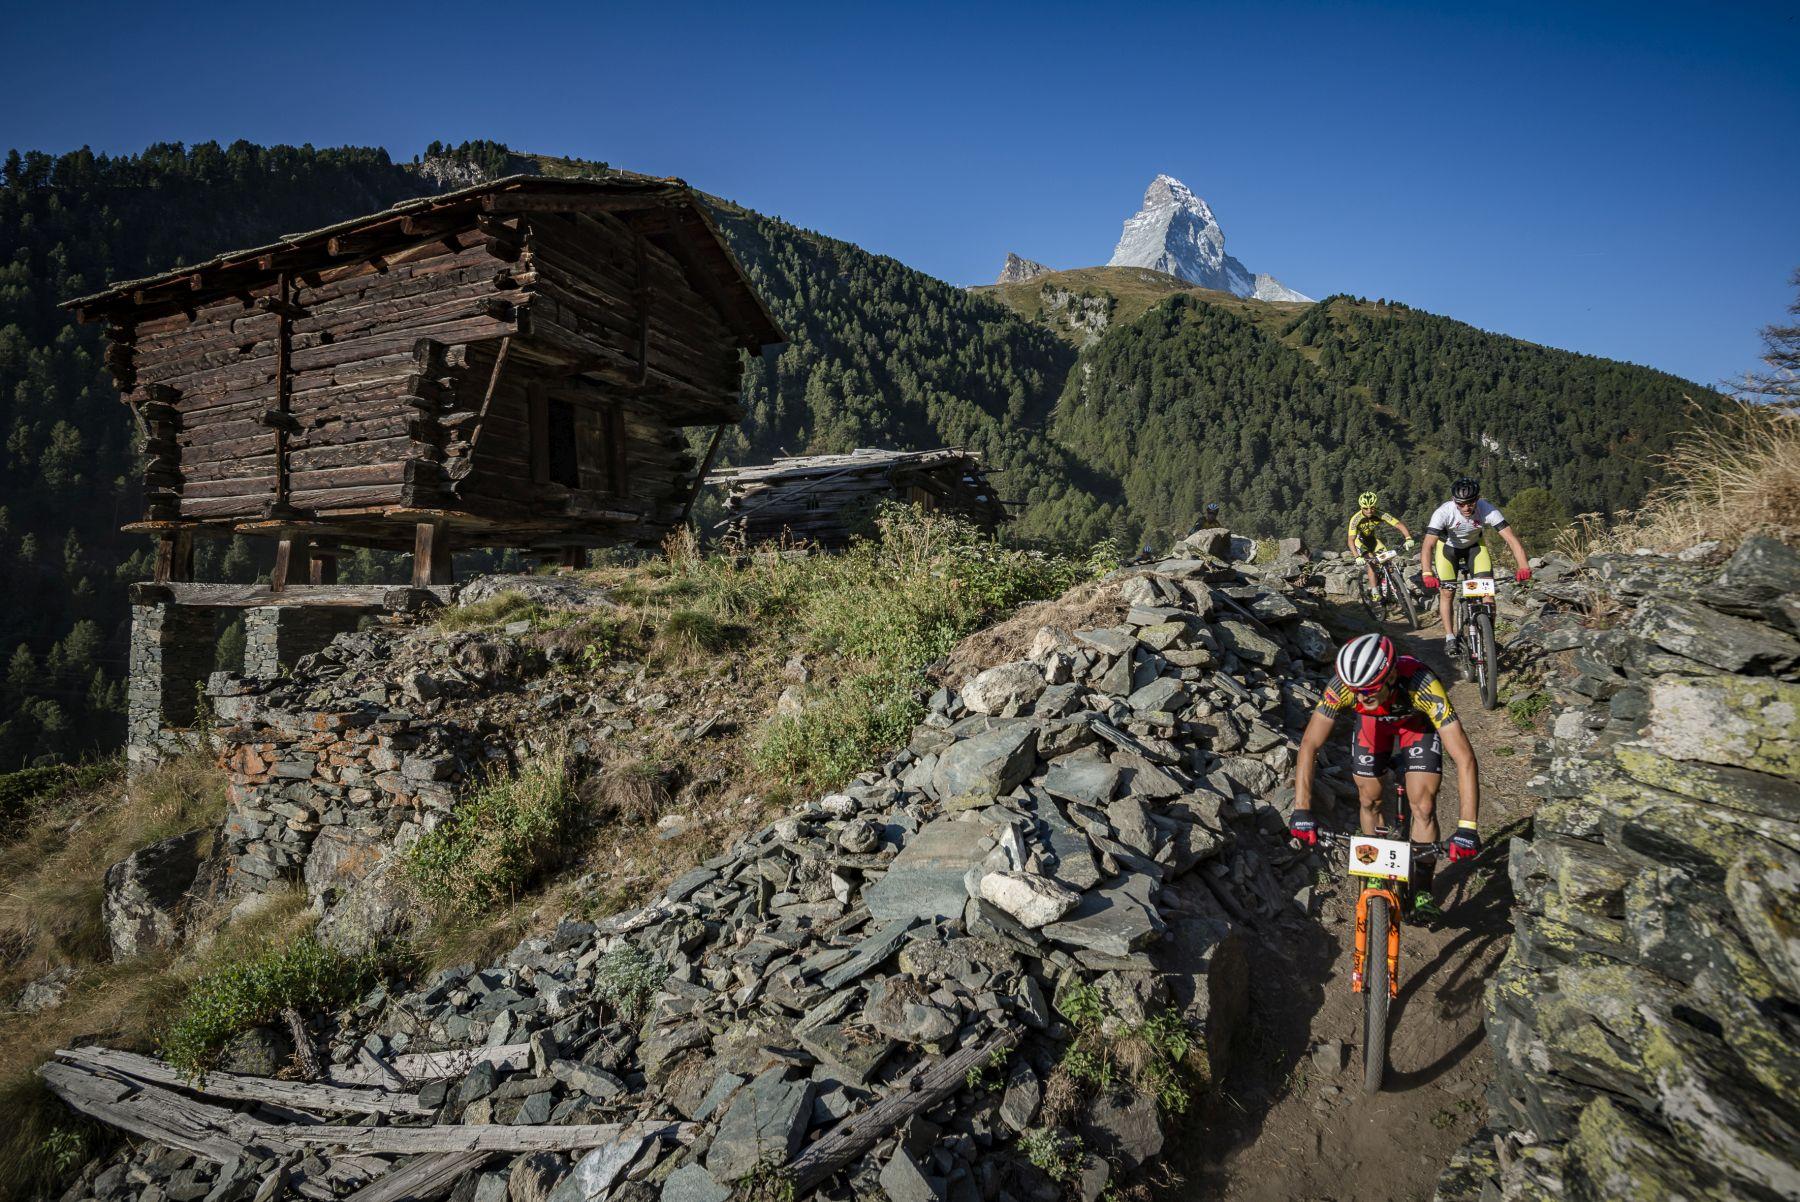 Otro día de senderos sin fin dejando atrás el Matterhorn